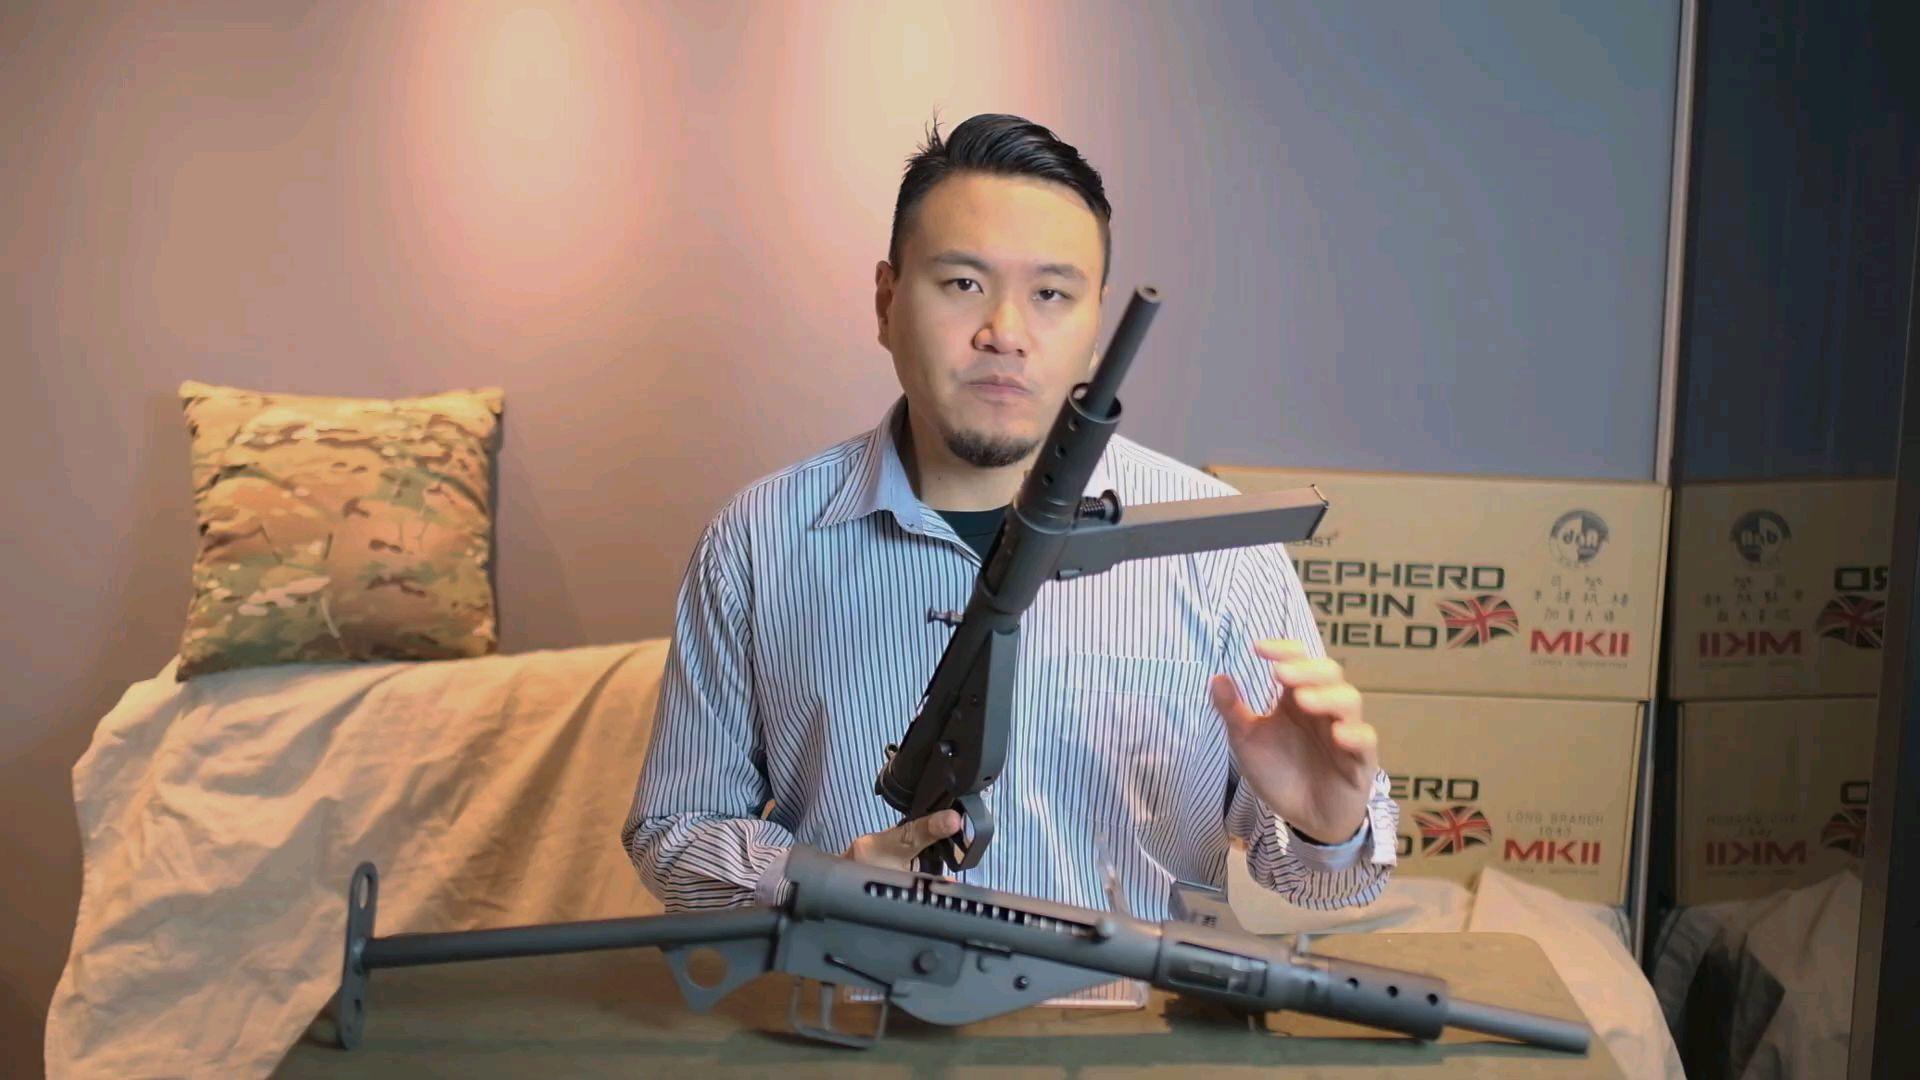 [油管搬运]台湾省玩家开箱评测司登MK2 玩具枪